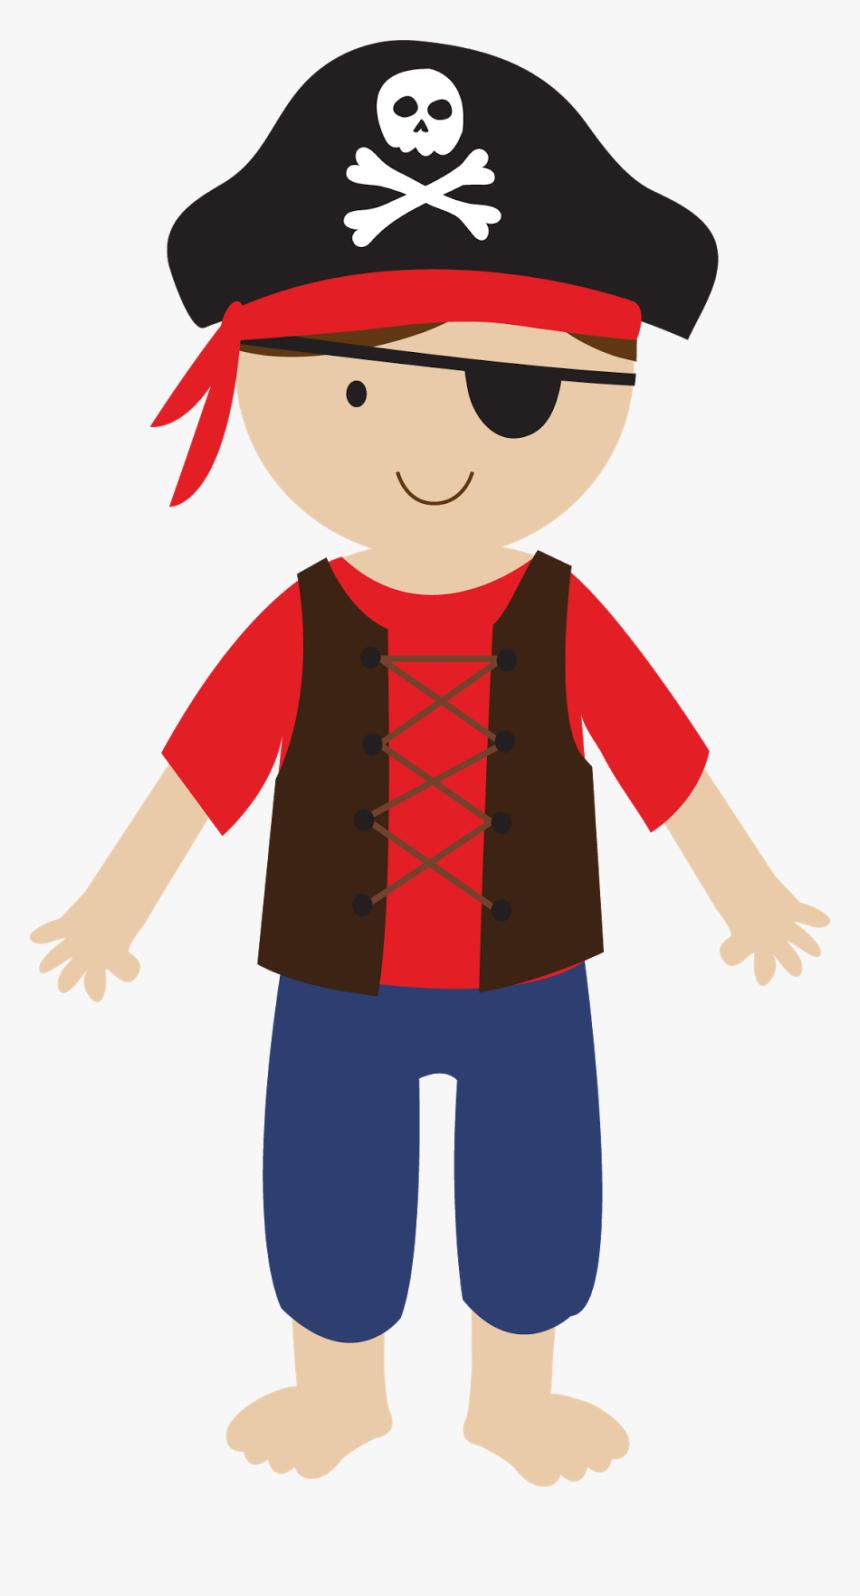 Pirates Clipart Little Boy Boy Clip Art Pirate Hd Png Download Transparent Png Image Pngitem